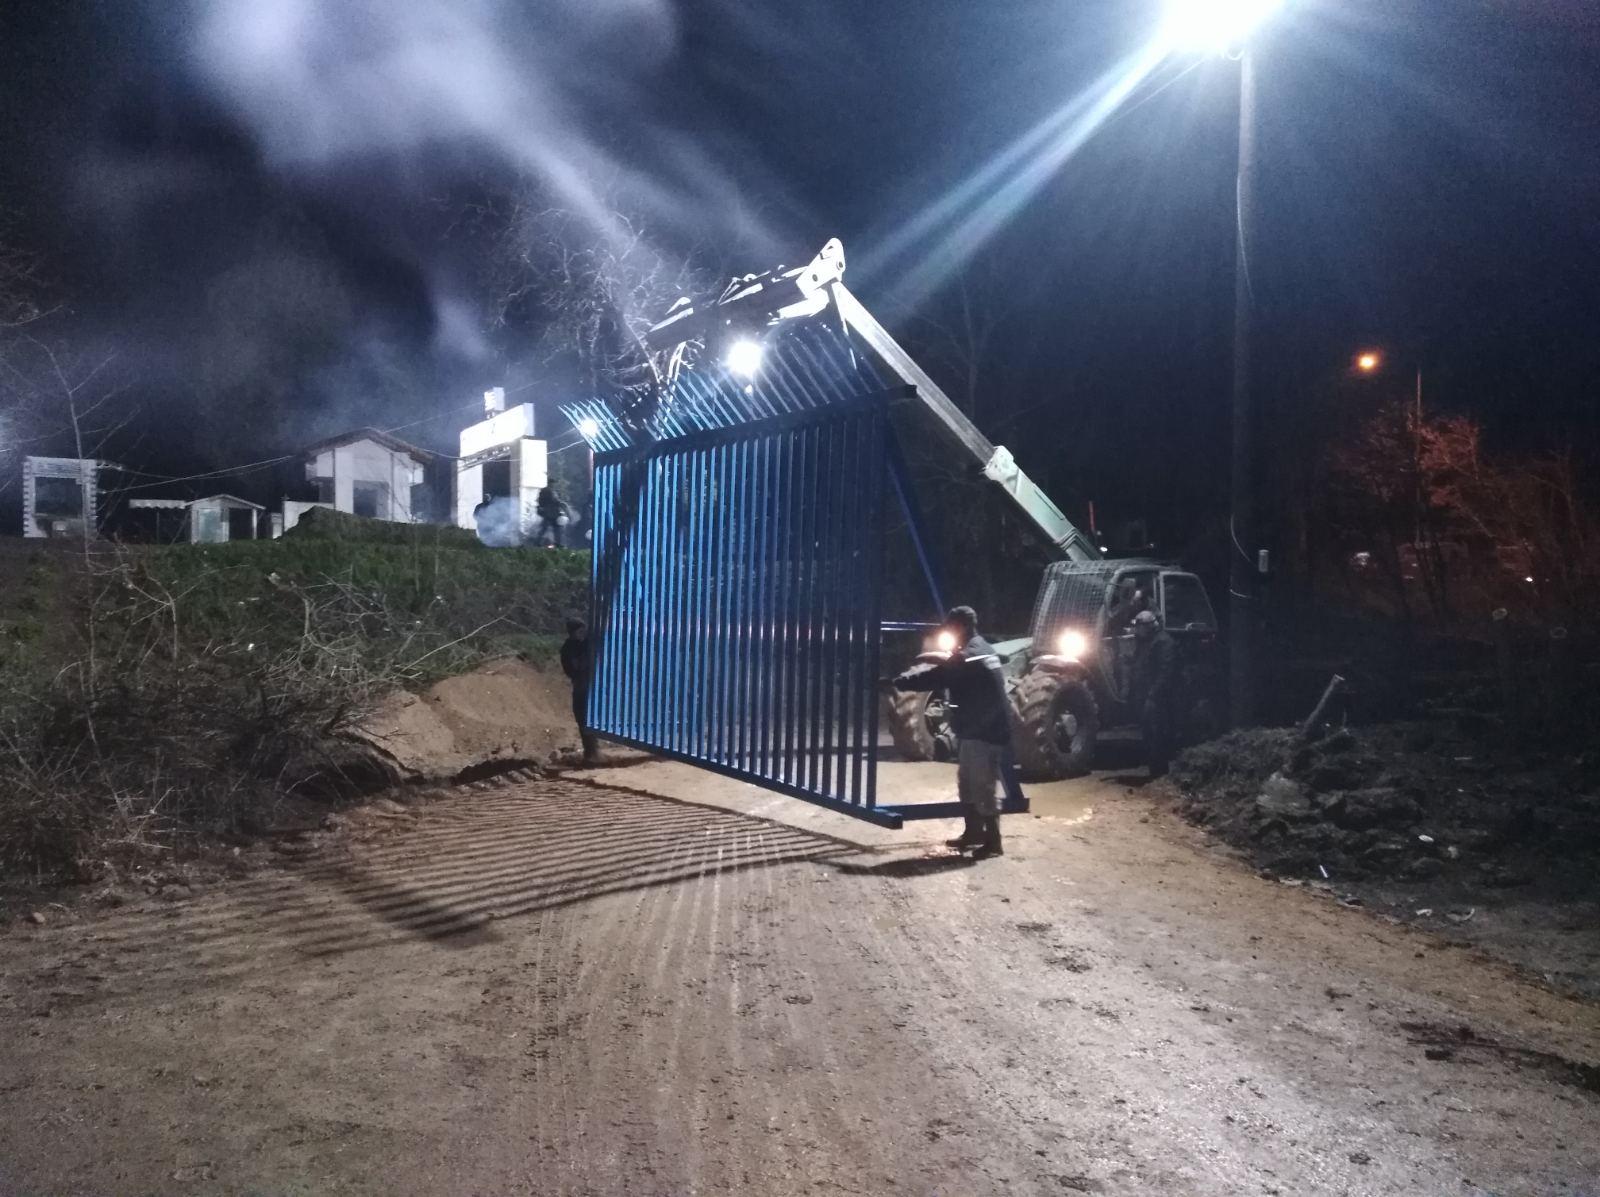 Έβρος: Τούρκοι πυροβόλησαν περιπολικό της Frontex – Επιστολή στην Κομισιόν για αυξημένη επιφυλακή